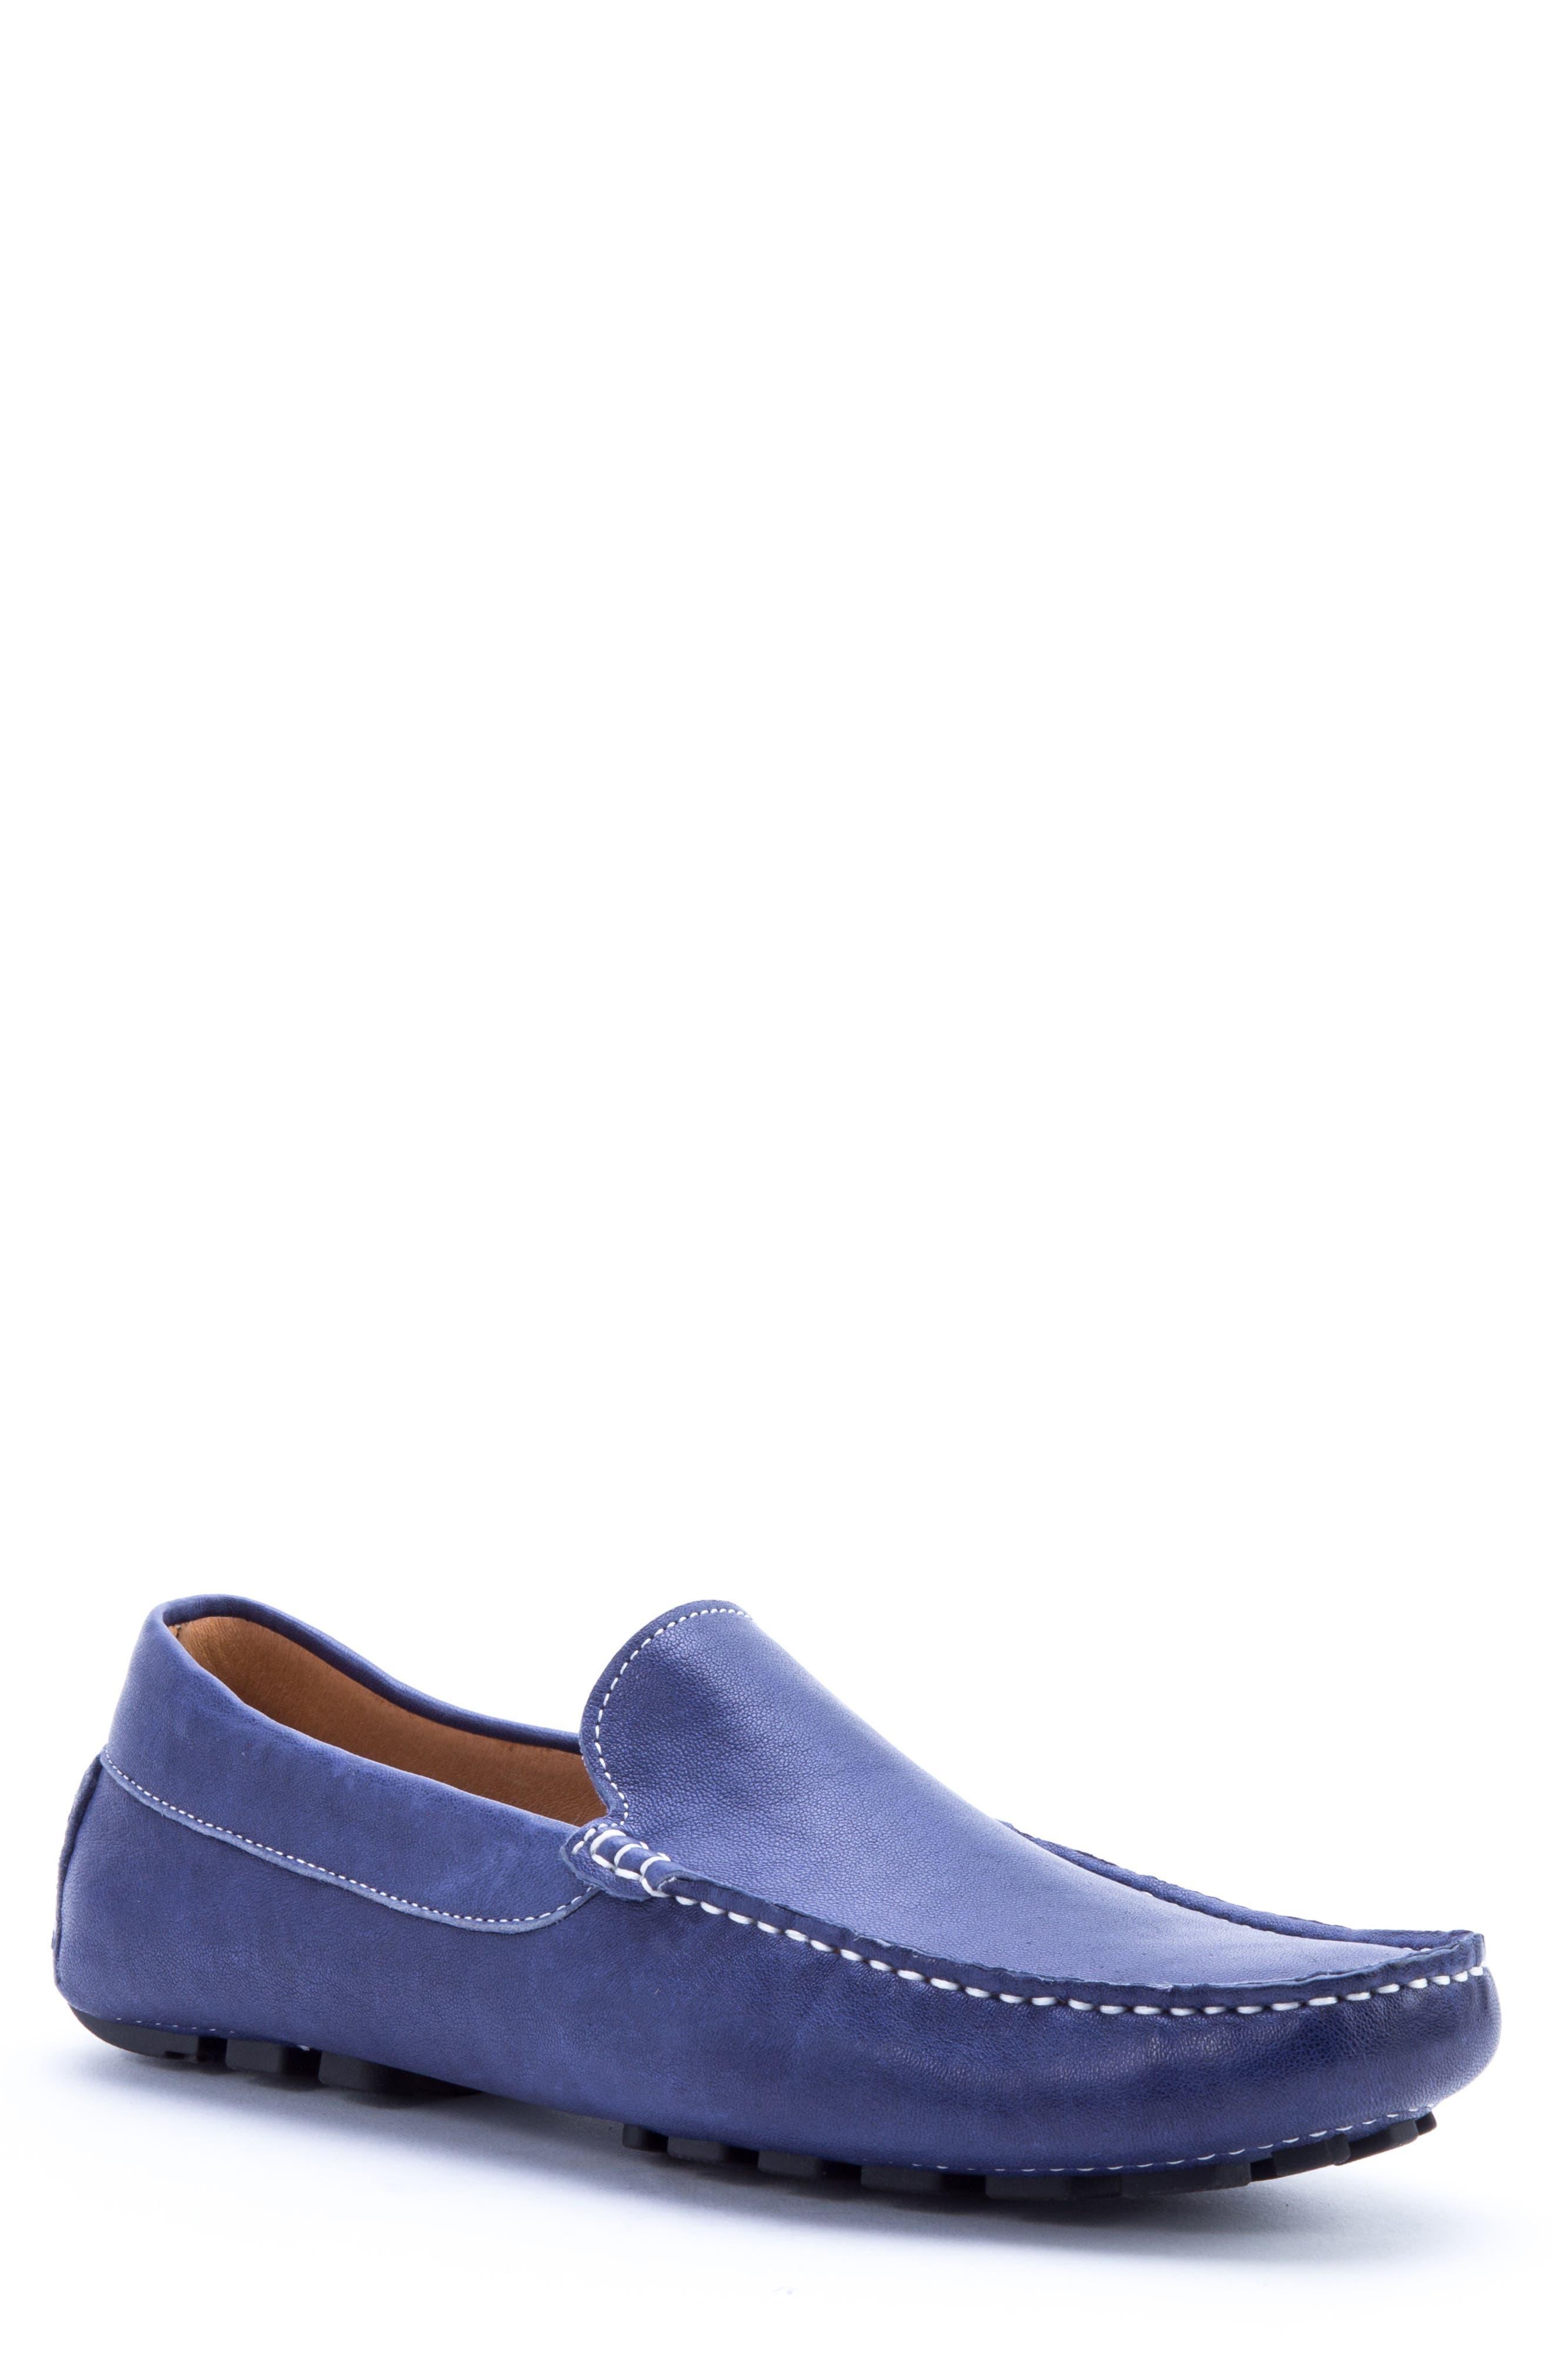 Zanzara Picasso 3 Moc Toe Driving Loafer- Blue